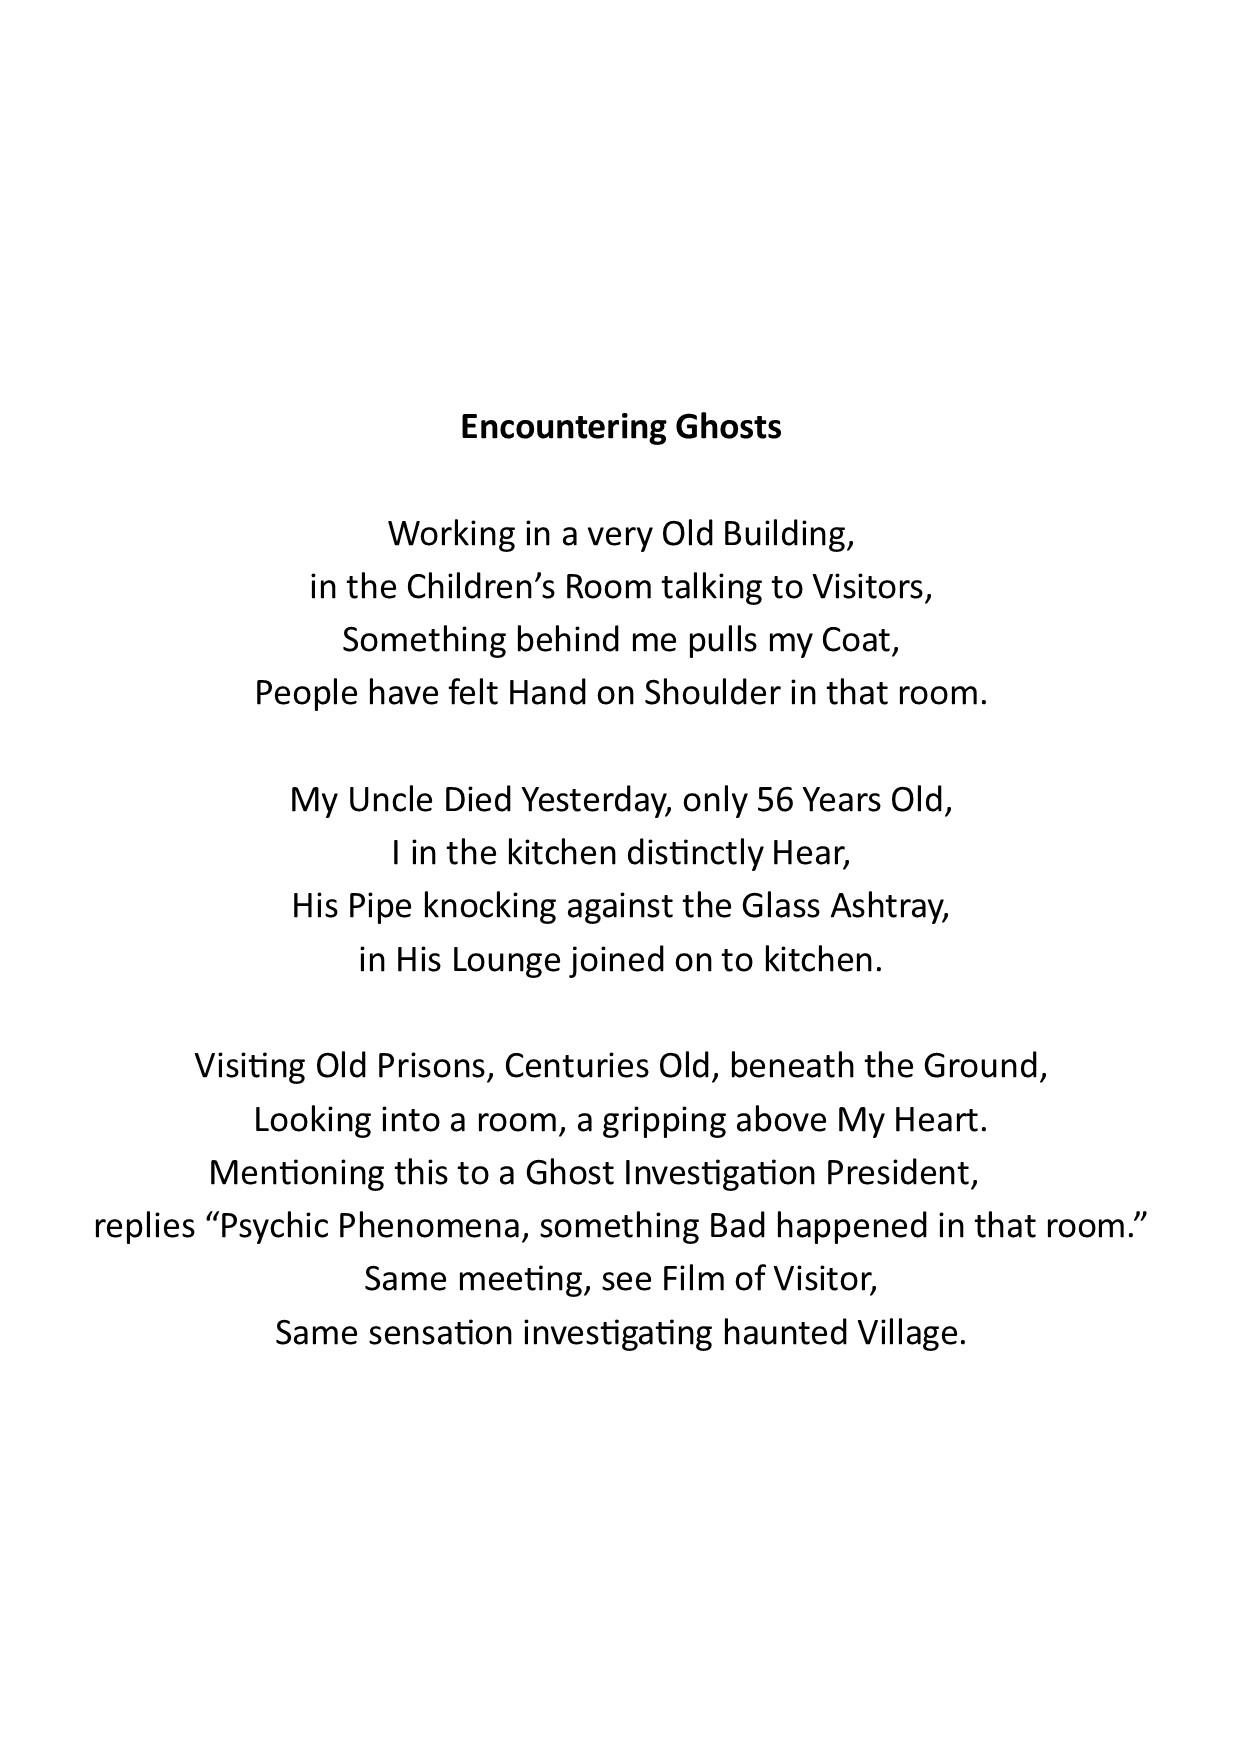 Encountering Ghosts_Website.jpg